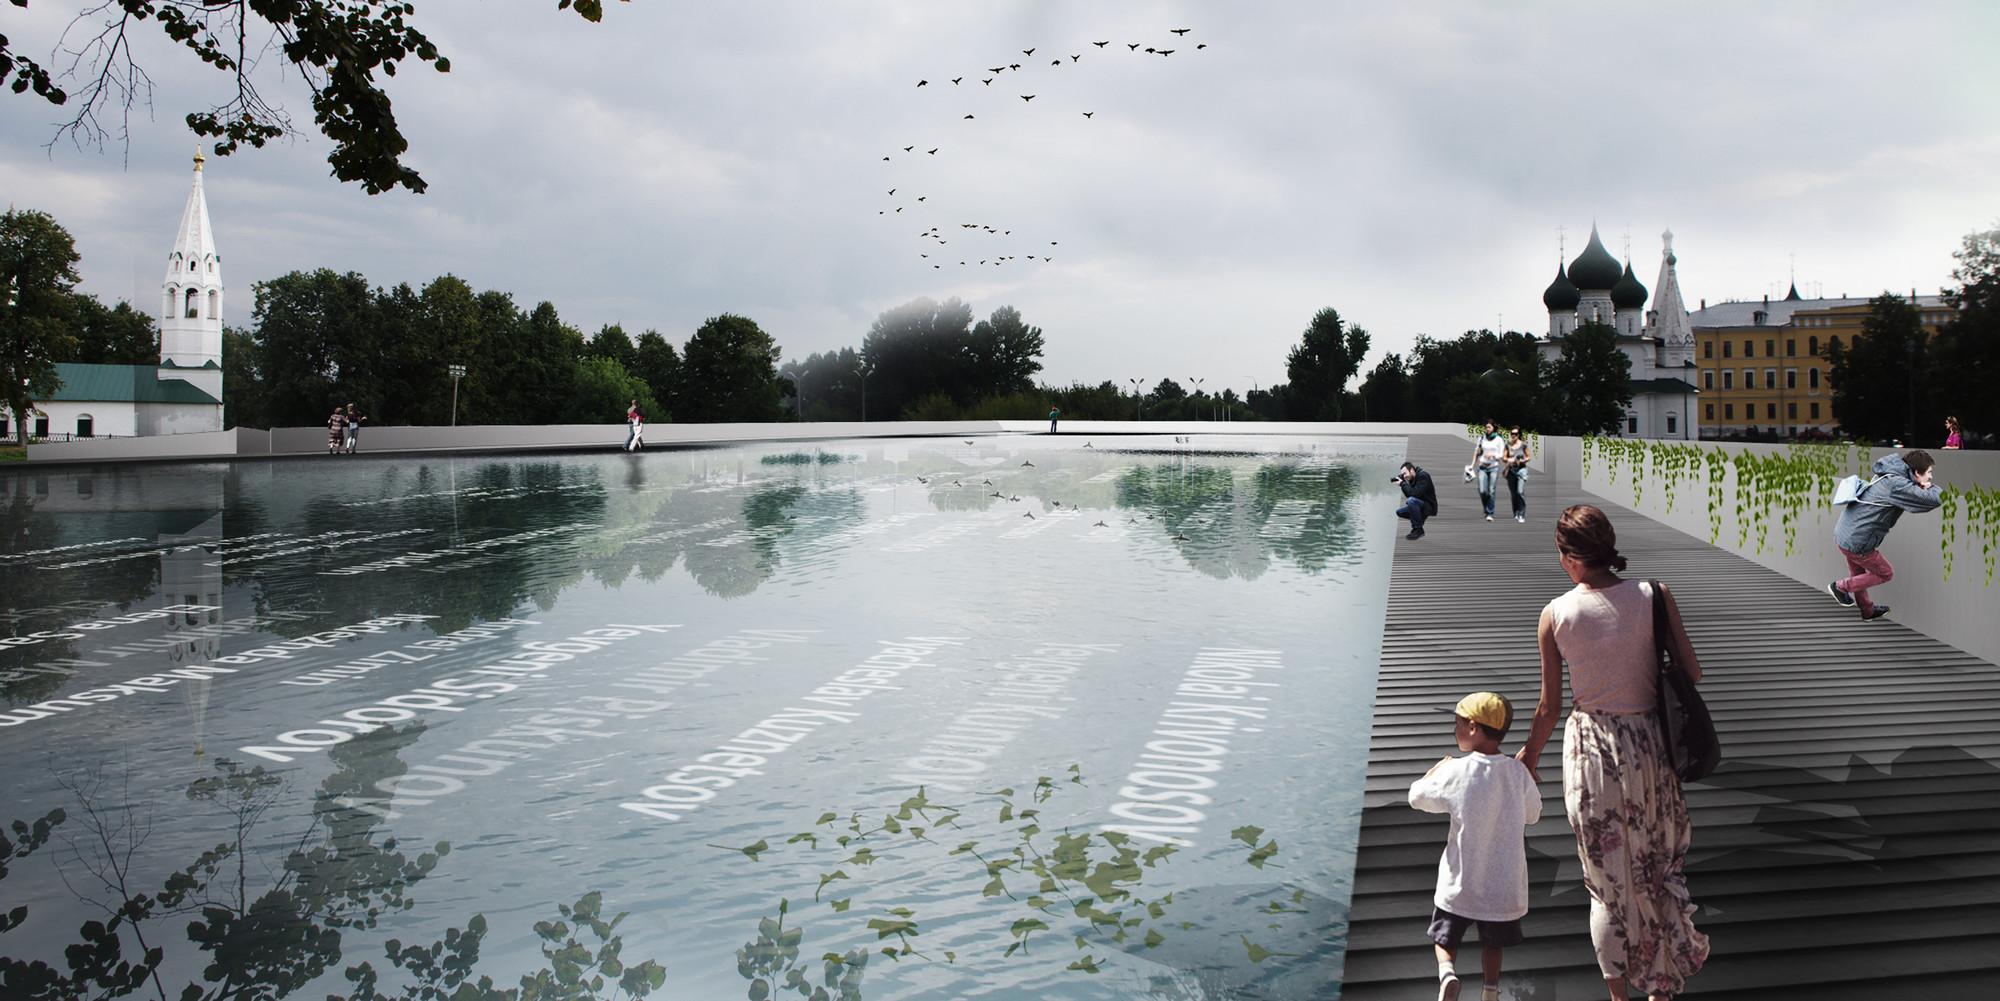 Vista desde el Memorial de la cubierta. Image Courtesy of JAPA